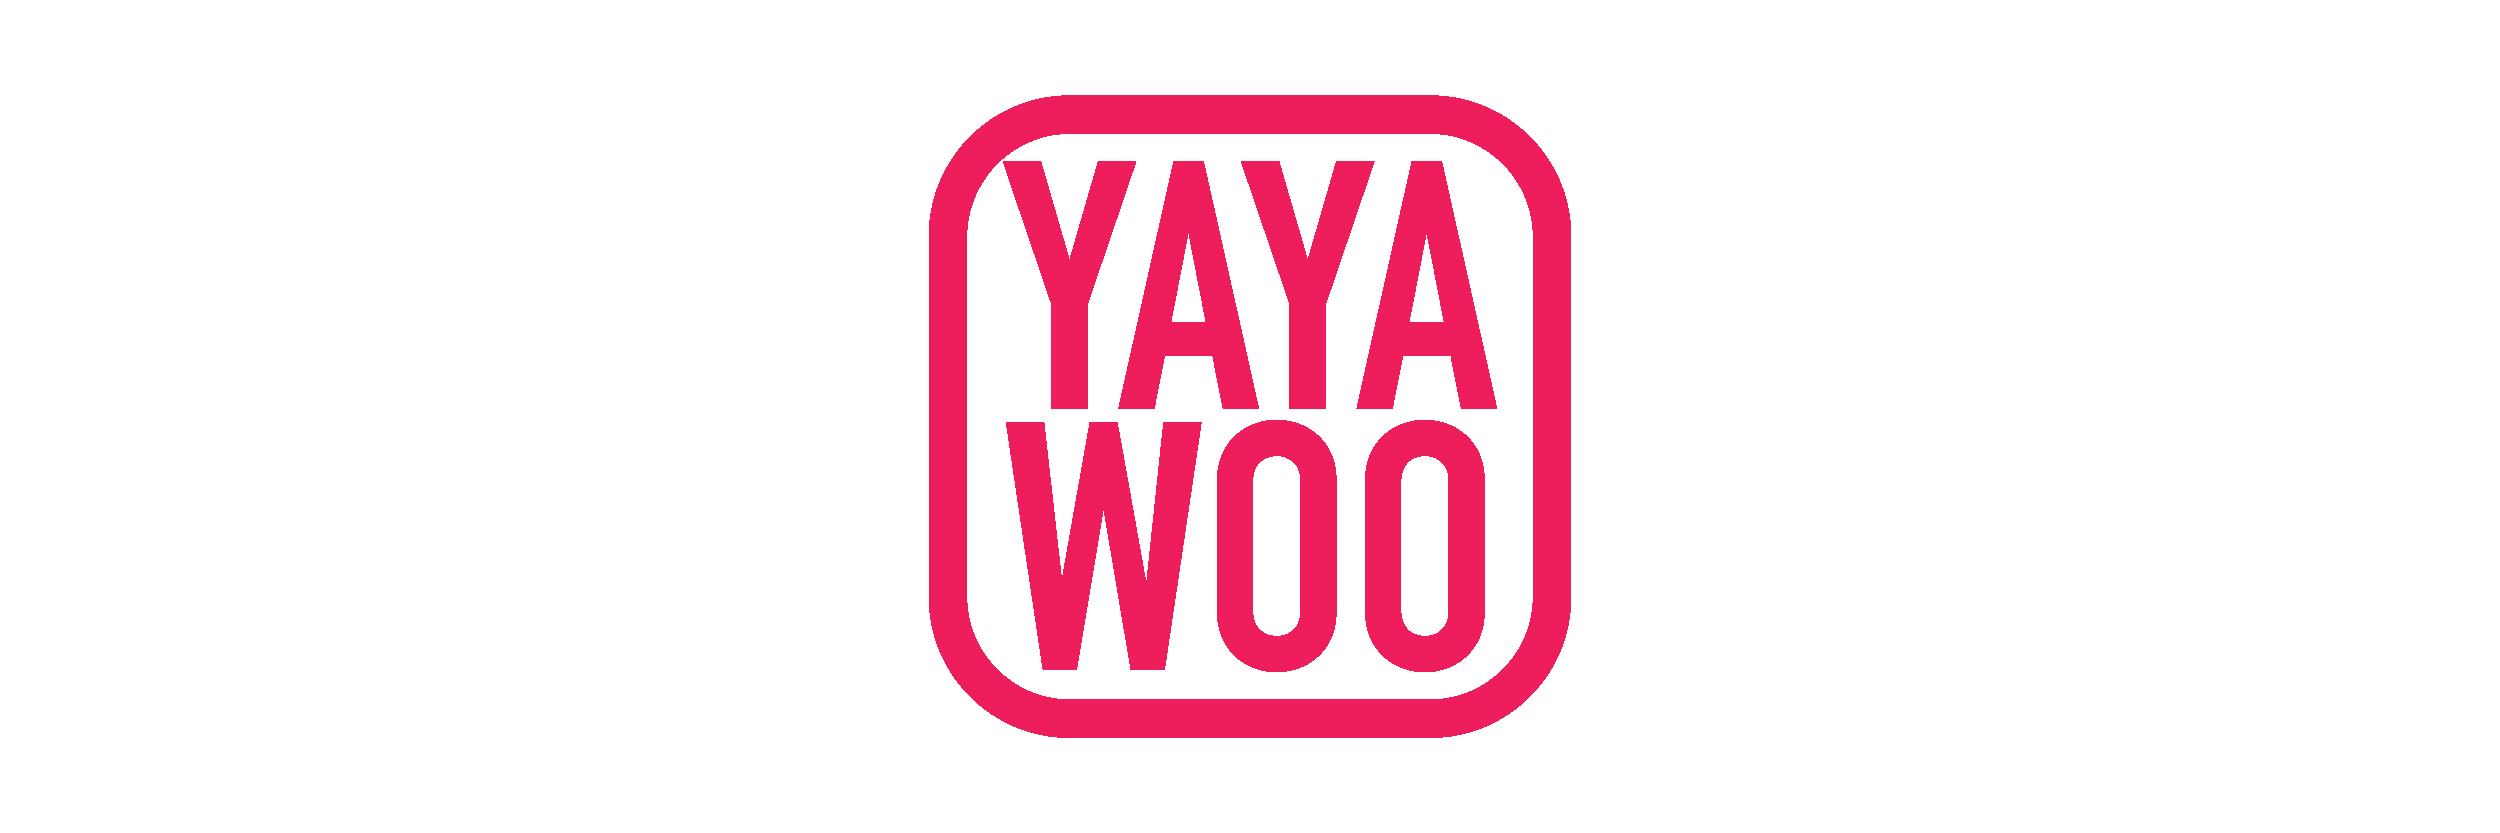 yayawoo Signature